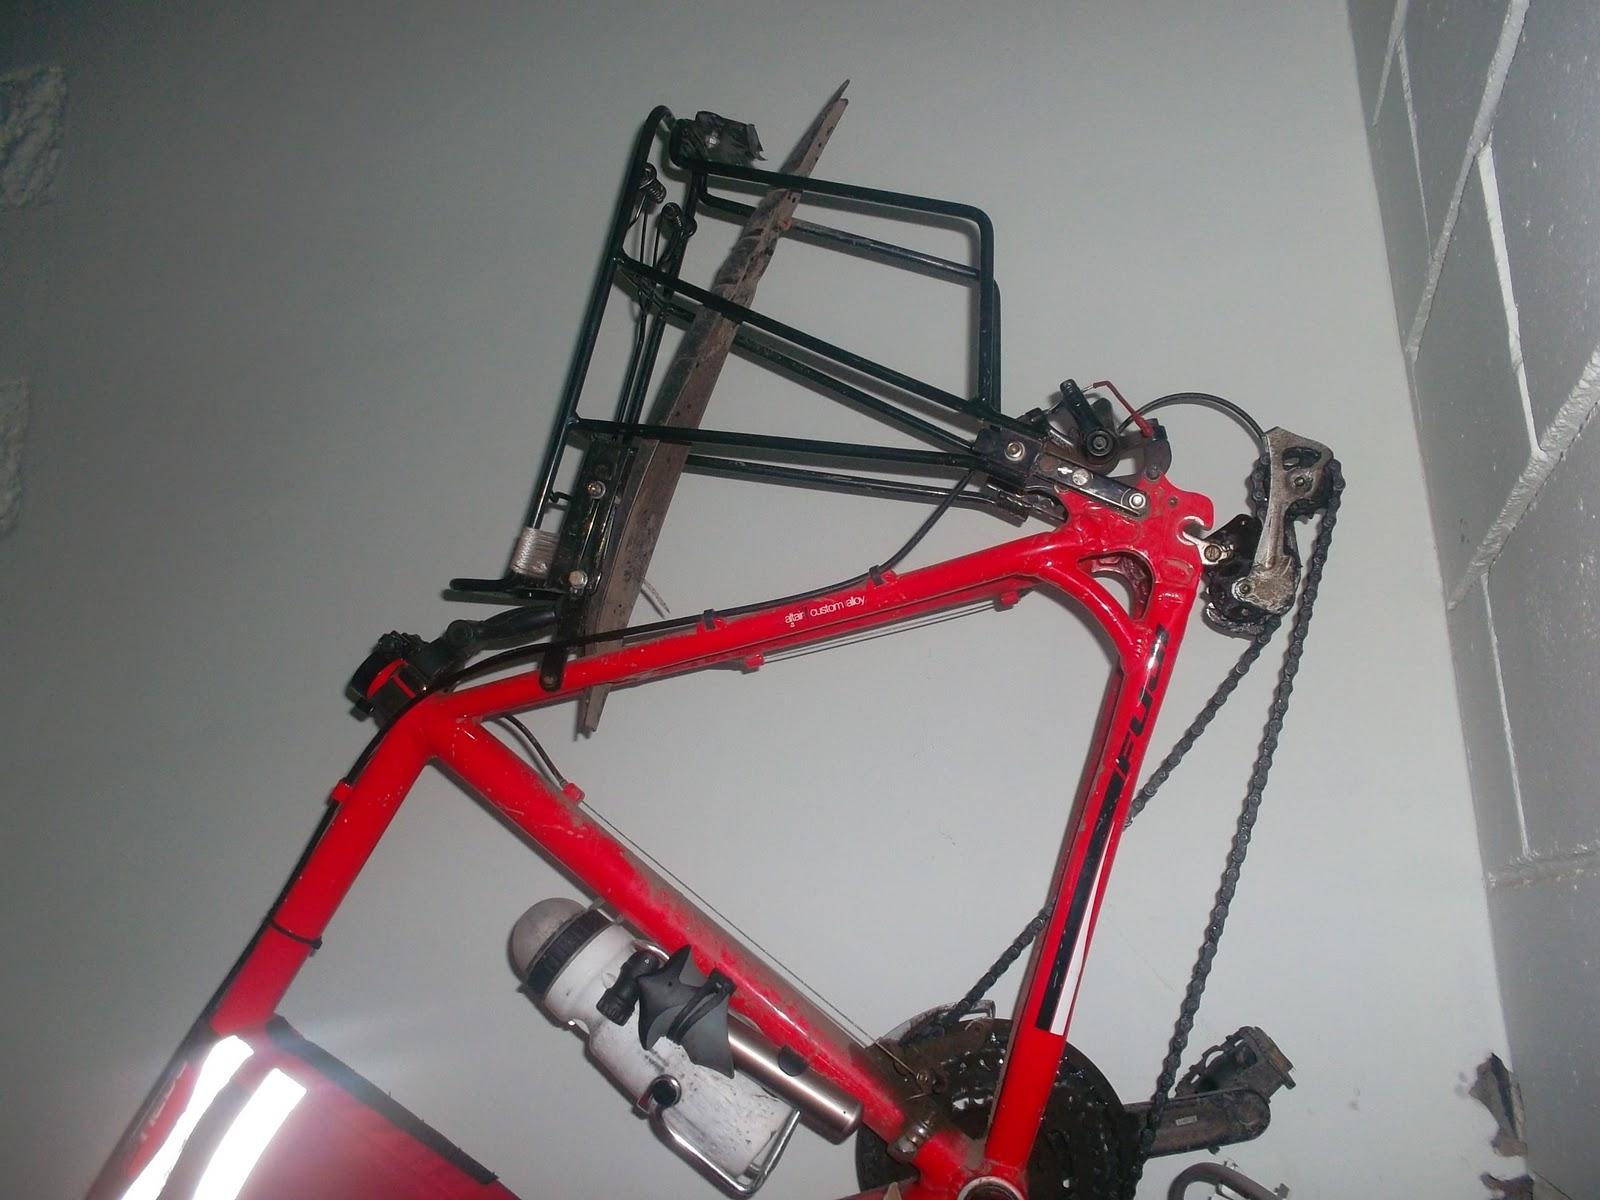 Багажник на велосипед с дисковыми тормозами своими руками